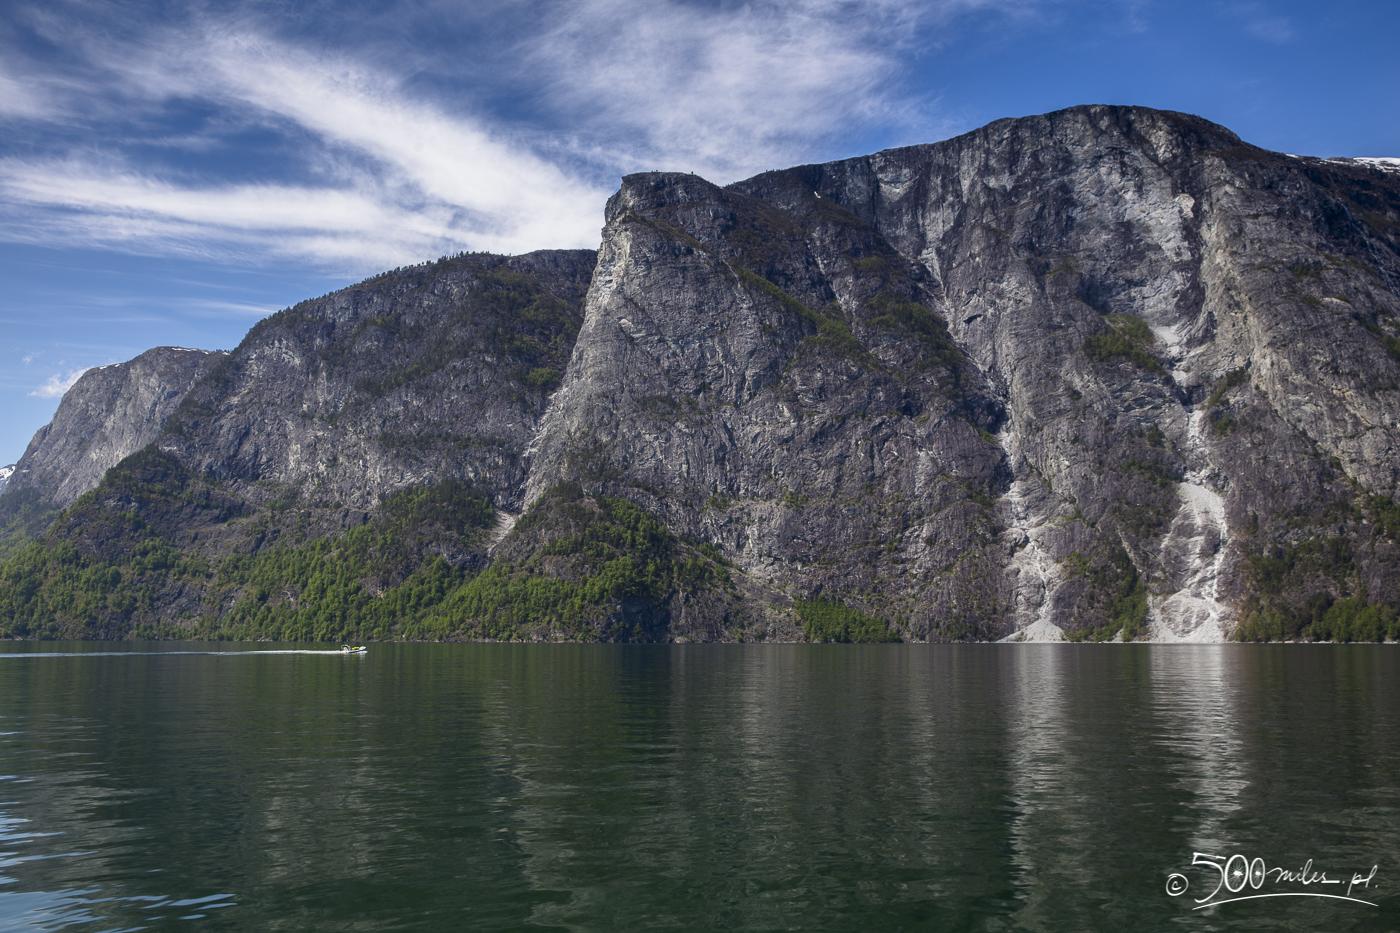 Aurlandsfjorden, part of Sognefjorden, Norway